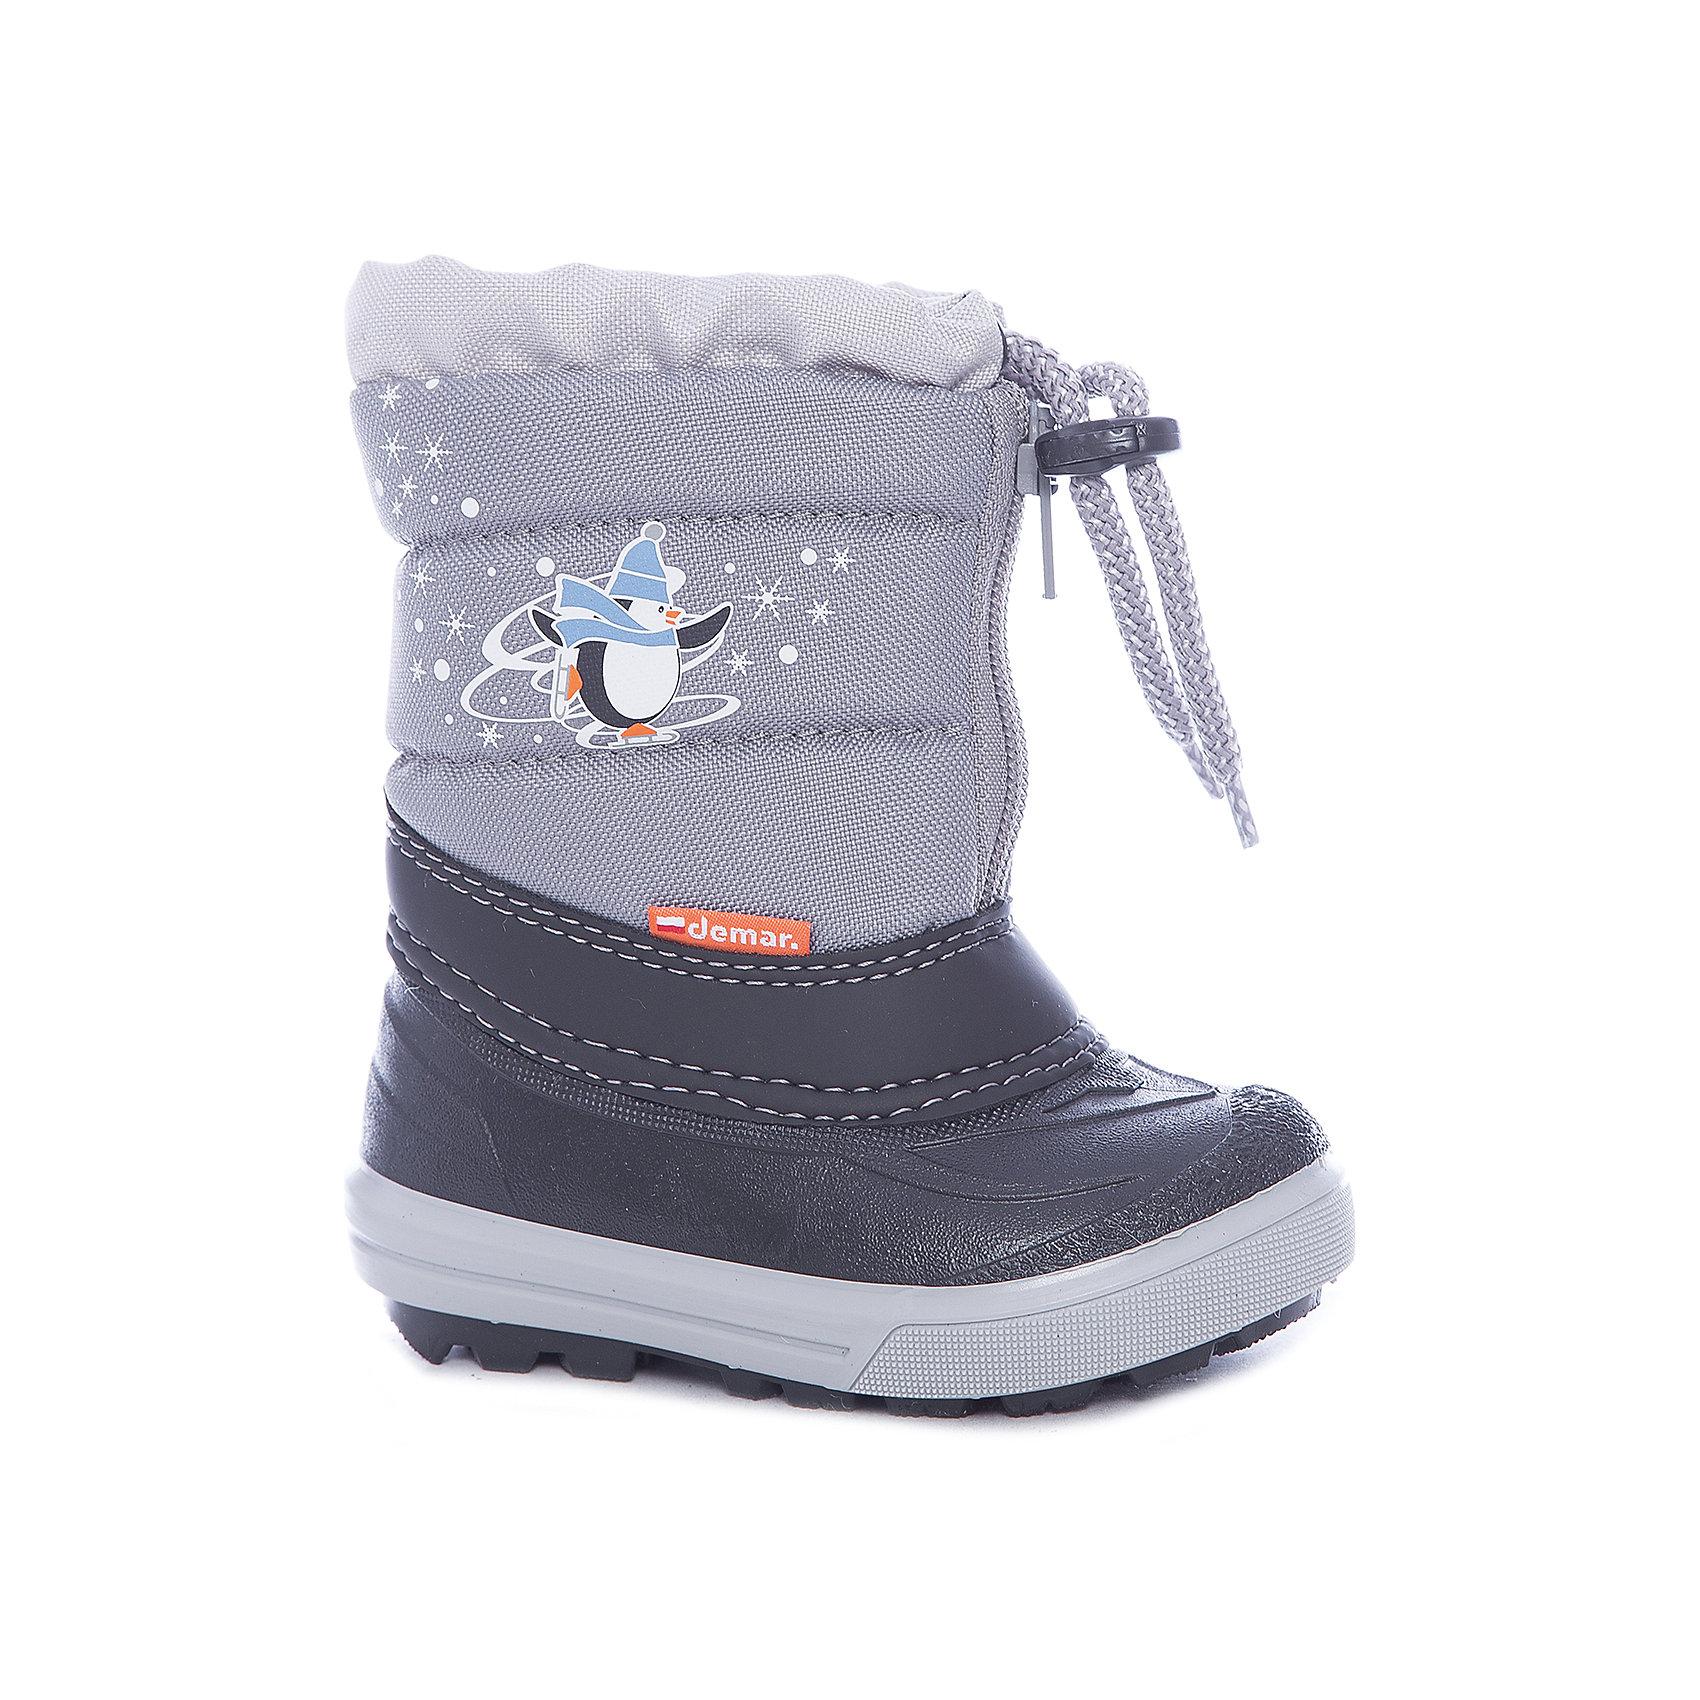 Сапоги  DEMARСапоги  DEMAR.<br>Зимняя модель. <br>Сапожки имеют утеплитель внутренней части изготовлен на основе натуральной овечьей шерсти, помогает выдерживать морозы до - 20 ° C. <br>Cапожки Demar очень легкие, вес до 400 гр.<br>Верх обуви - не продуваемый текстильный материал, имеющий высокие износостойкие и водоотталкивающие свойства. <br>Термокаучук, используется при изготовлении подошвы способствует сохранению эластичности даже при низких температурах и позволяет избежать скольжения. Сапожки легко одеваются.<br>Выполнены из супер легких материалов, вес их на столько легкий, что ребенок даже не заметит, что он уже обут.<br>Утепленные натуральной овечьей шерстью - гарантия теплых ножек!<br>Сделаны в Польше!<br>Рекомендуем для зимних прогулок и игр.<br>Сертифицированы, гарантия качества. <br>Состав: Материал верха: текстильный материал. Материал подкладки: натуральная шерсть.  Материал подошвы: ТЭП<br><br>Ширина мм: 257<br>Глубина мм: 180<br>Высота мм: 130<br>Вес г: 420<br>Цвет: серый<br>Возраст от месяцев: 21<br>Возраст до месяцев: 24<br>Пол: Унисекс<br>Возраст: Детский<br>Размер: 24/25,26/27,20/21,22/23<br>SKU: 4948786